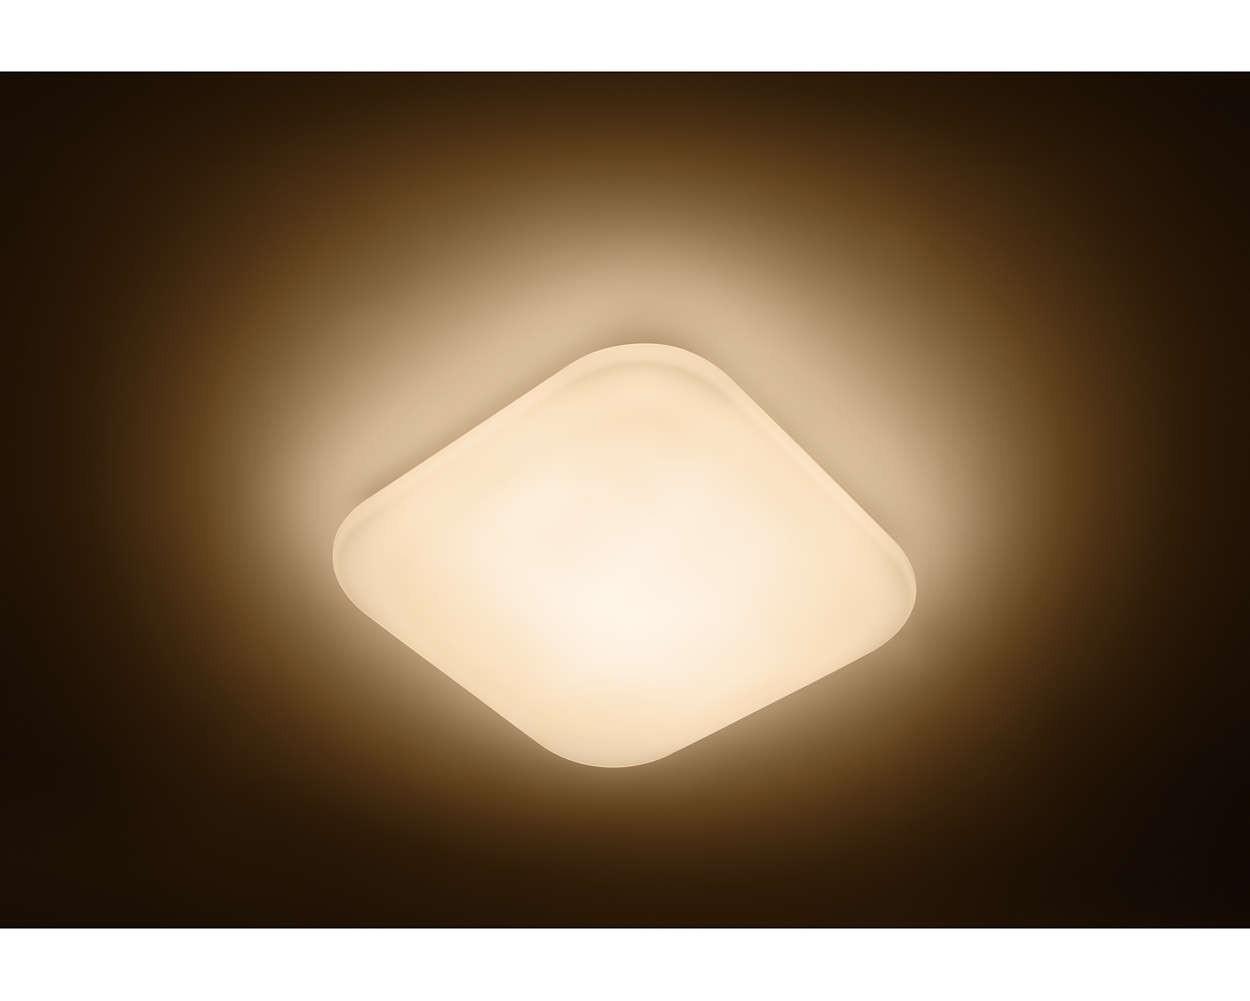 Plafoniere Led Luce Calda : Plafoniera a led bianca philips malva w luce calda area illumina